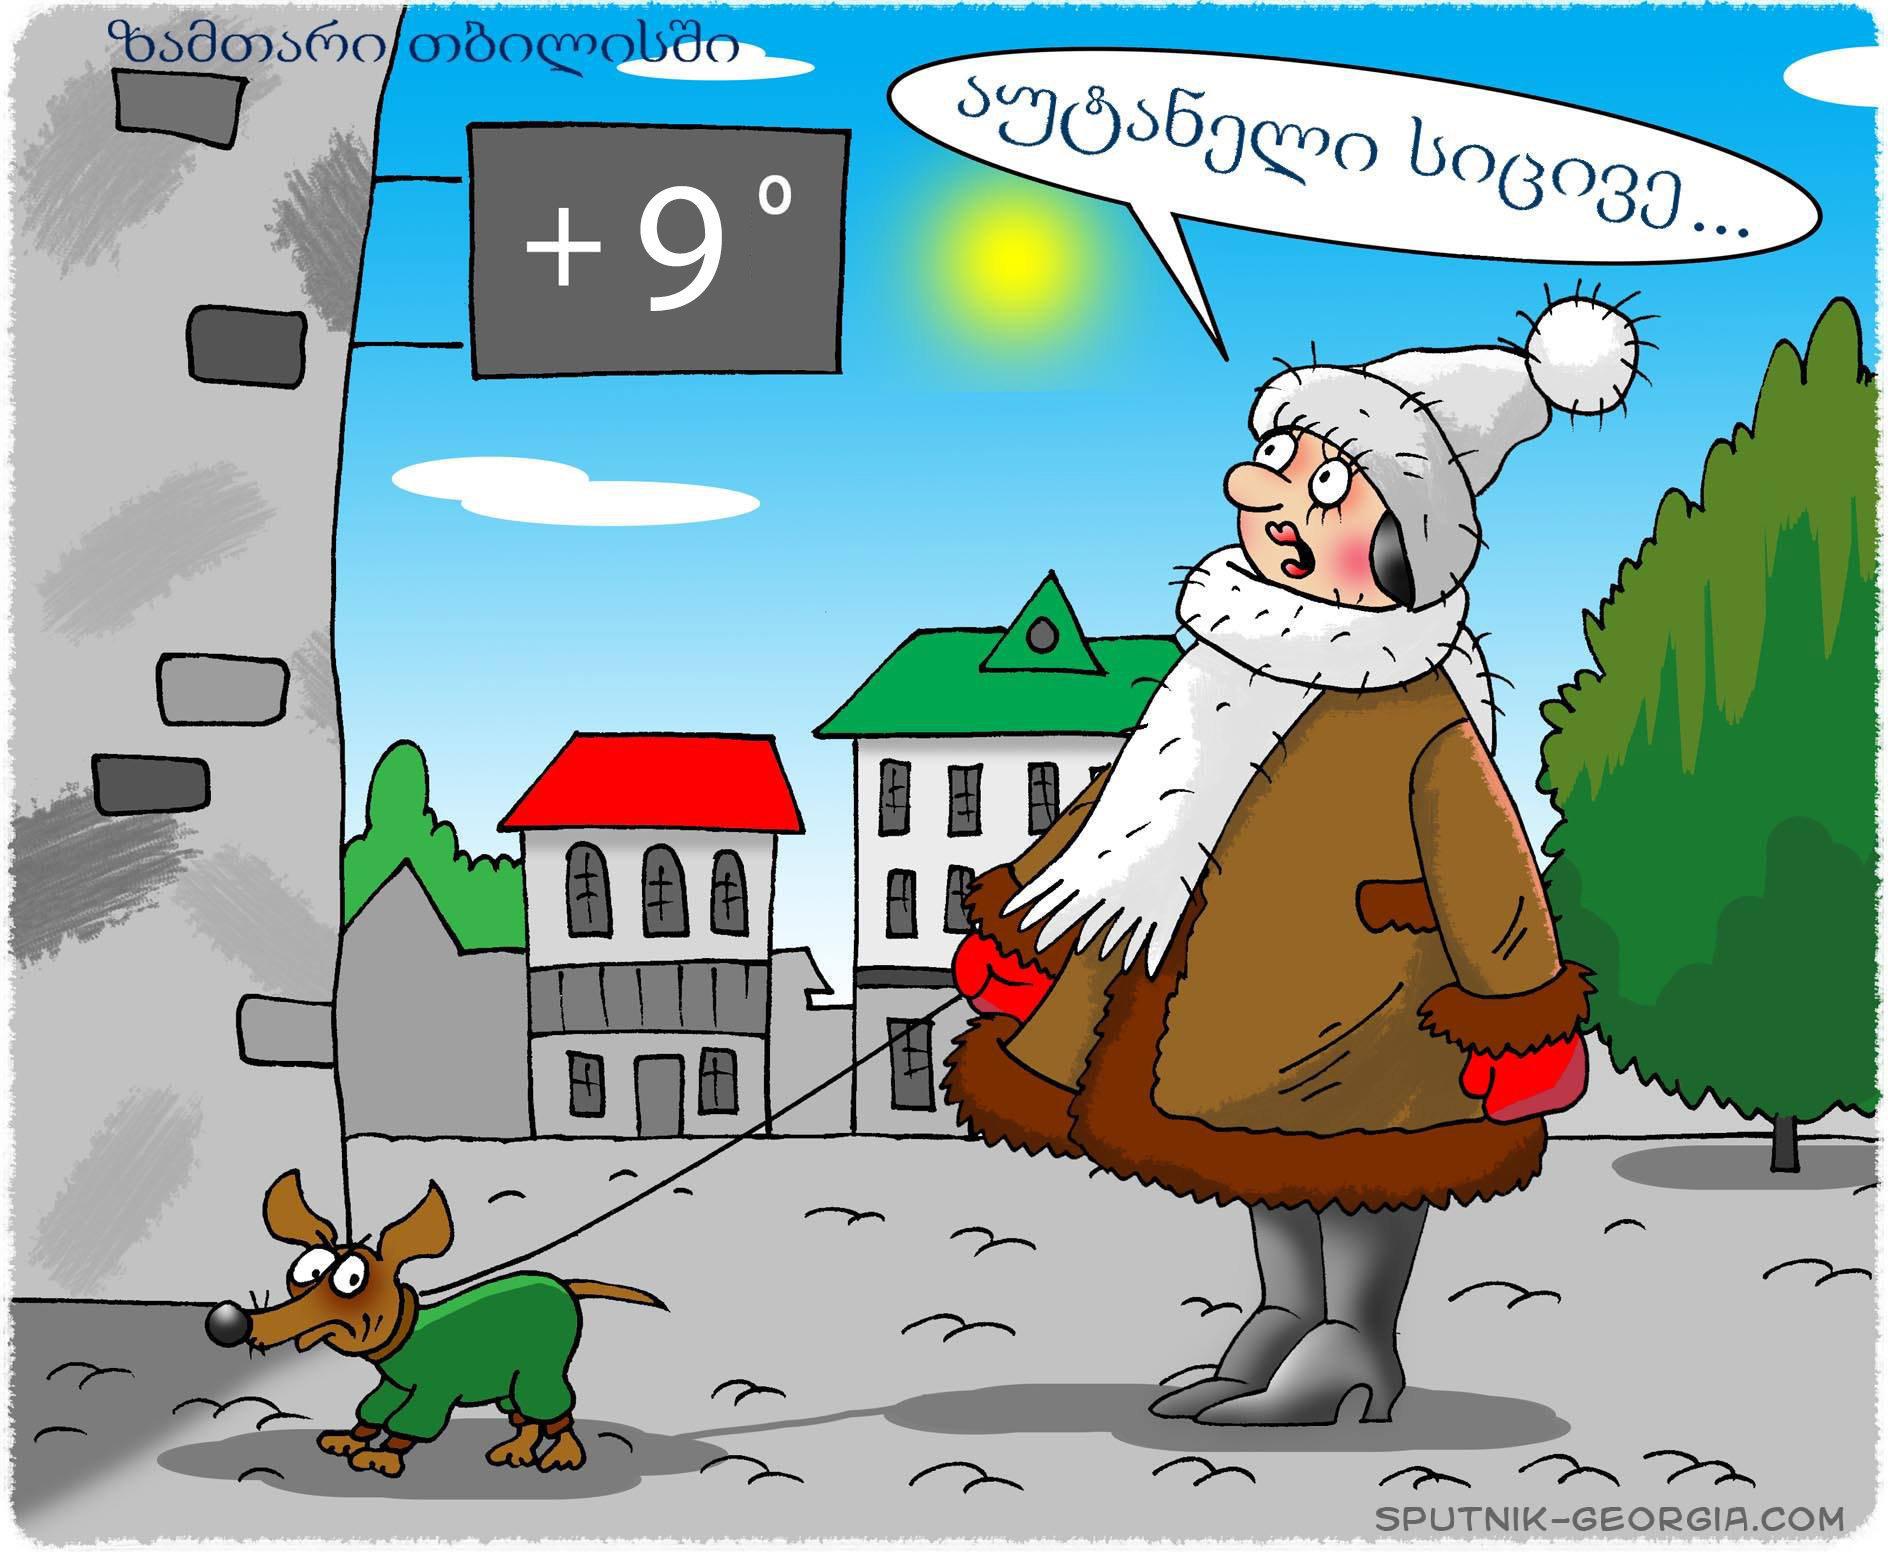 ზამთარი თბილისში